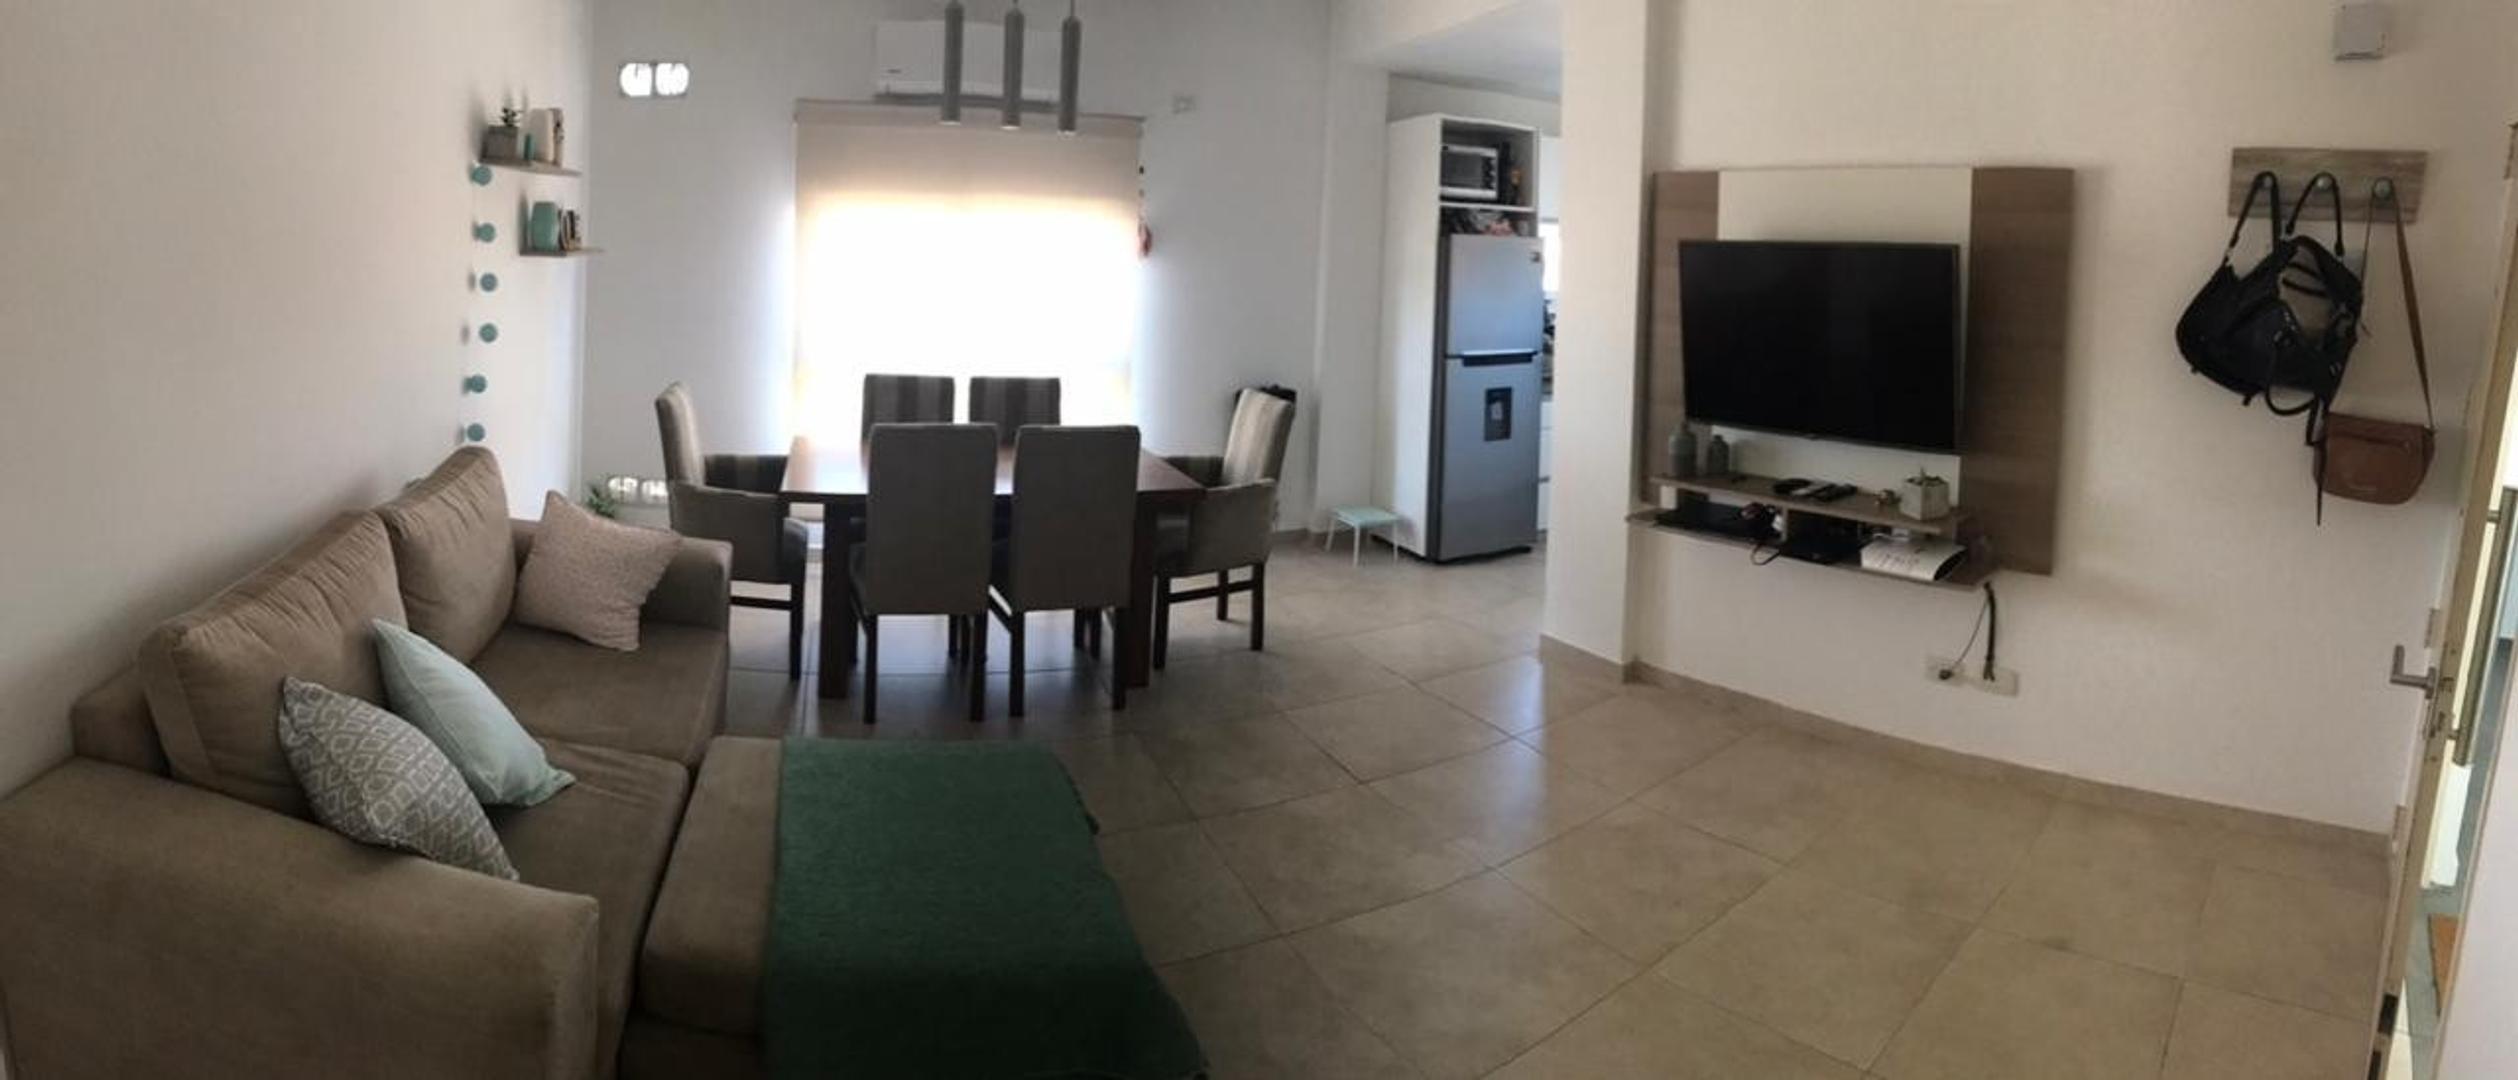 Departamento en Venta en Villa Luzuriaga - 2 ambientes